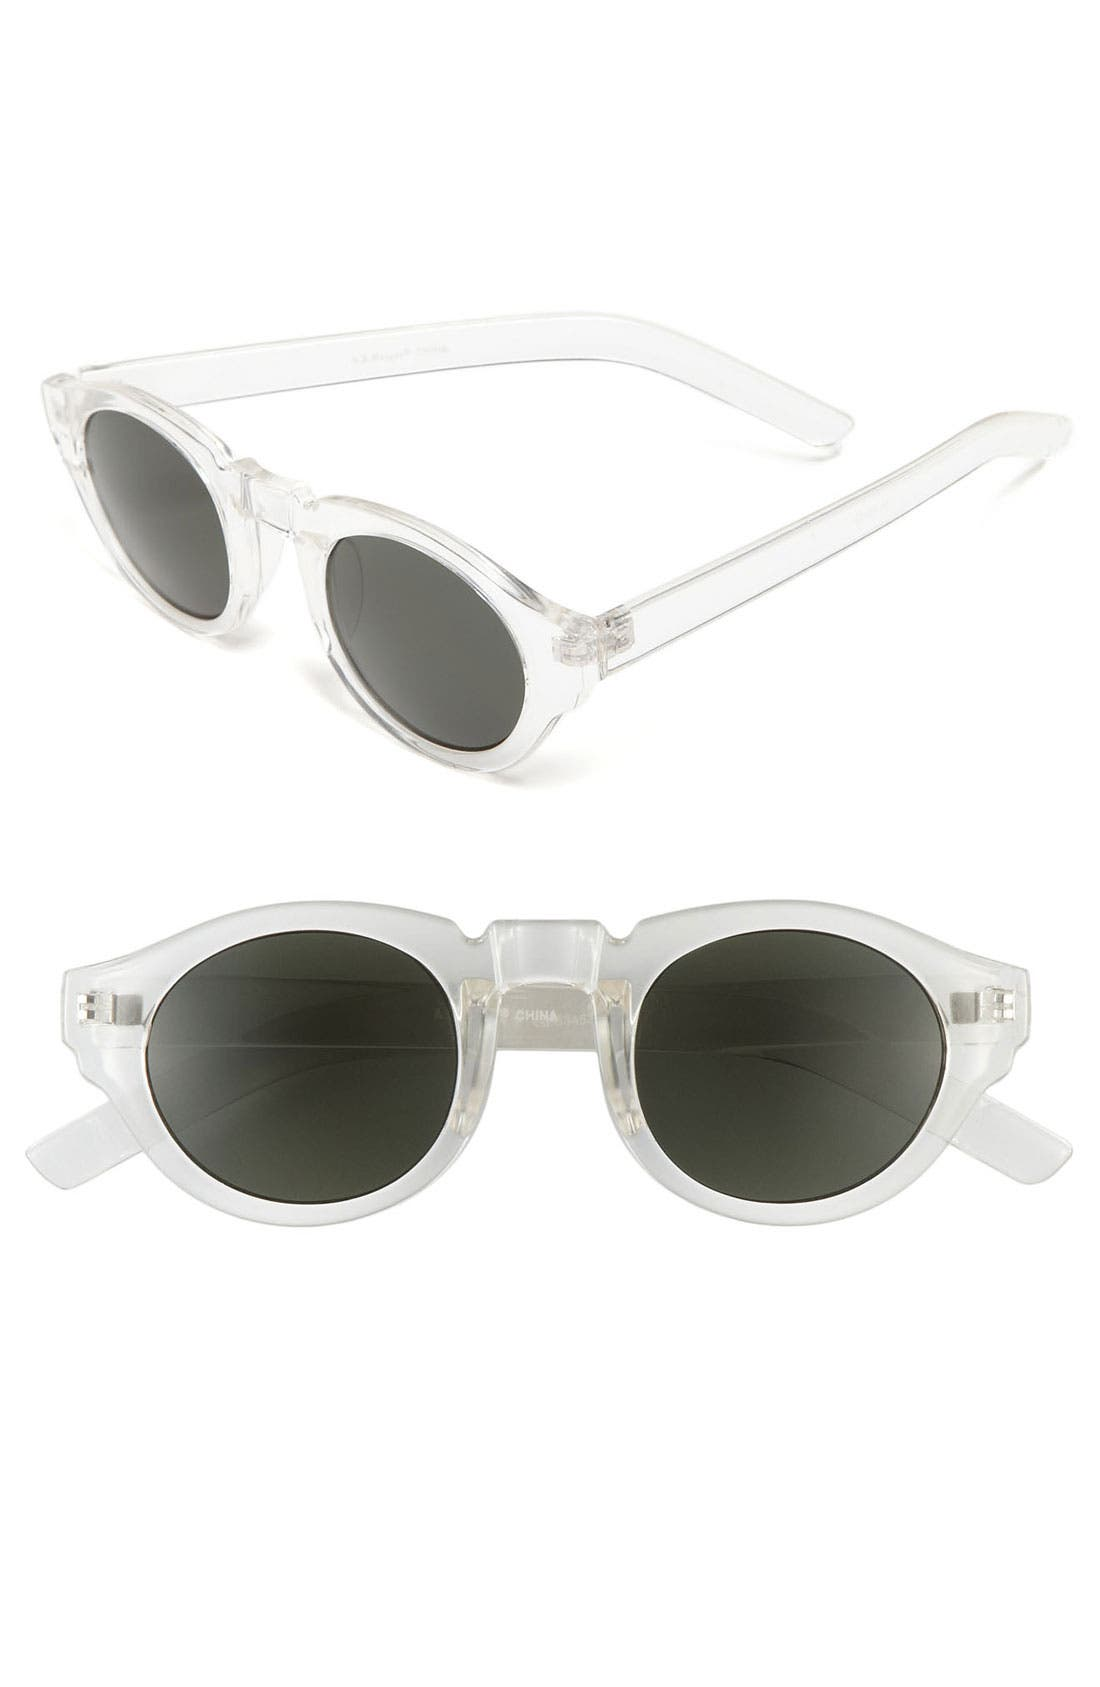 Main Image - A.J. Morgan 'Astro' Retro Sunglasses